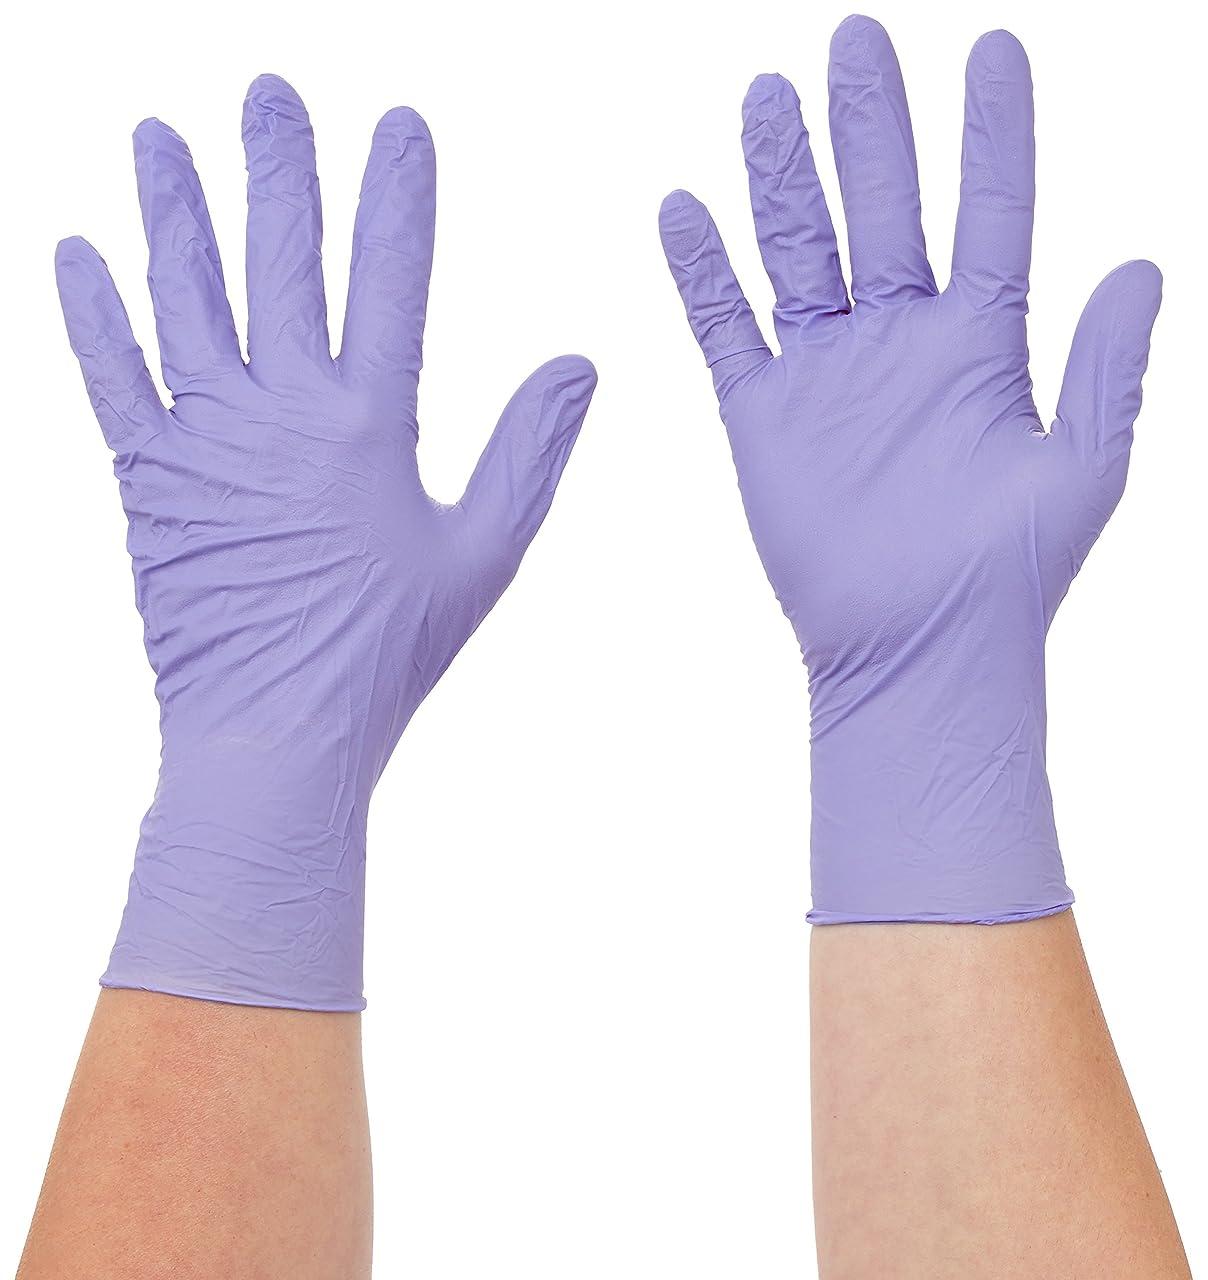 活力教会うつSemperit 使い捨てニトリル手袋 Xtra Lite 0.14mm 粉無(入数:200枚) 3000001618